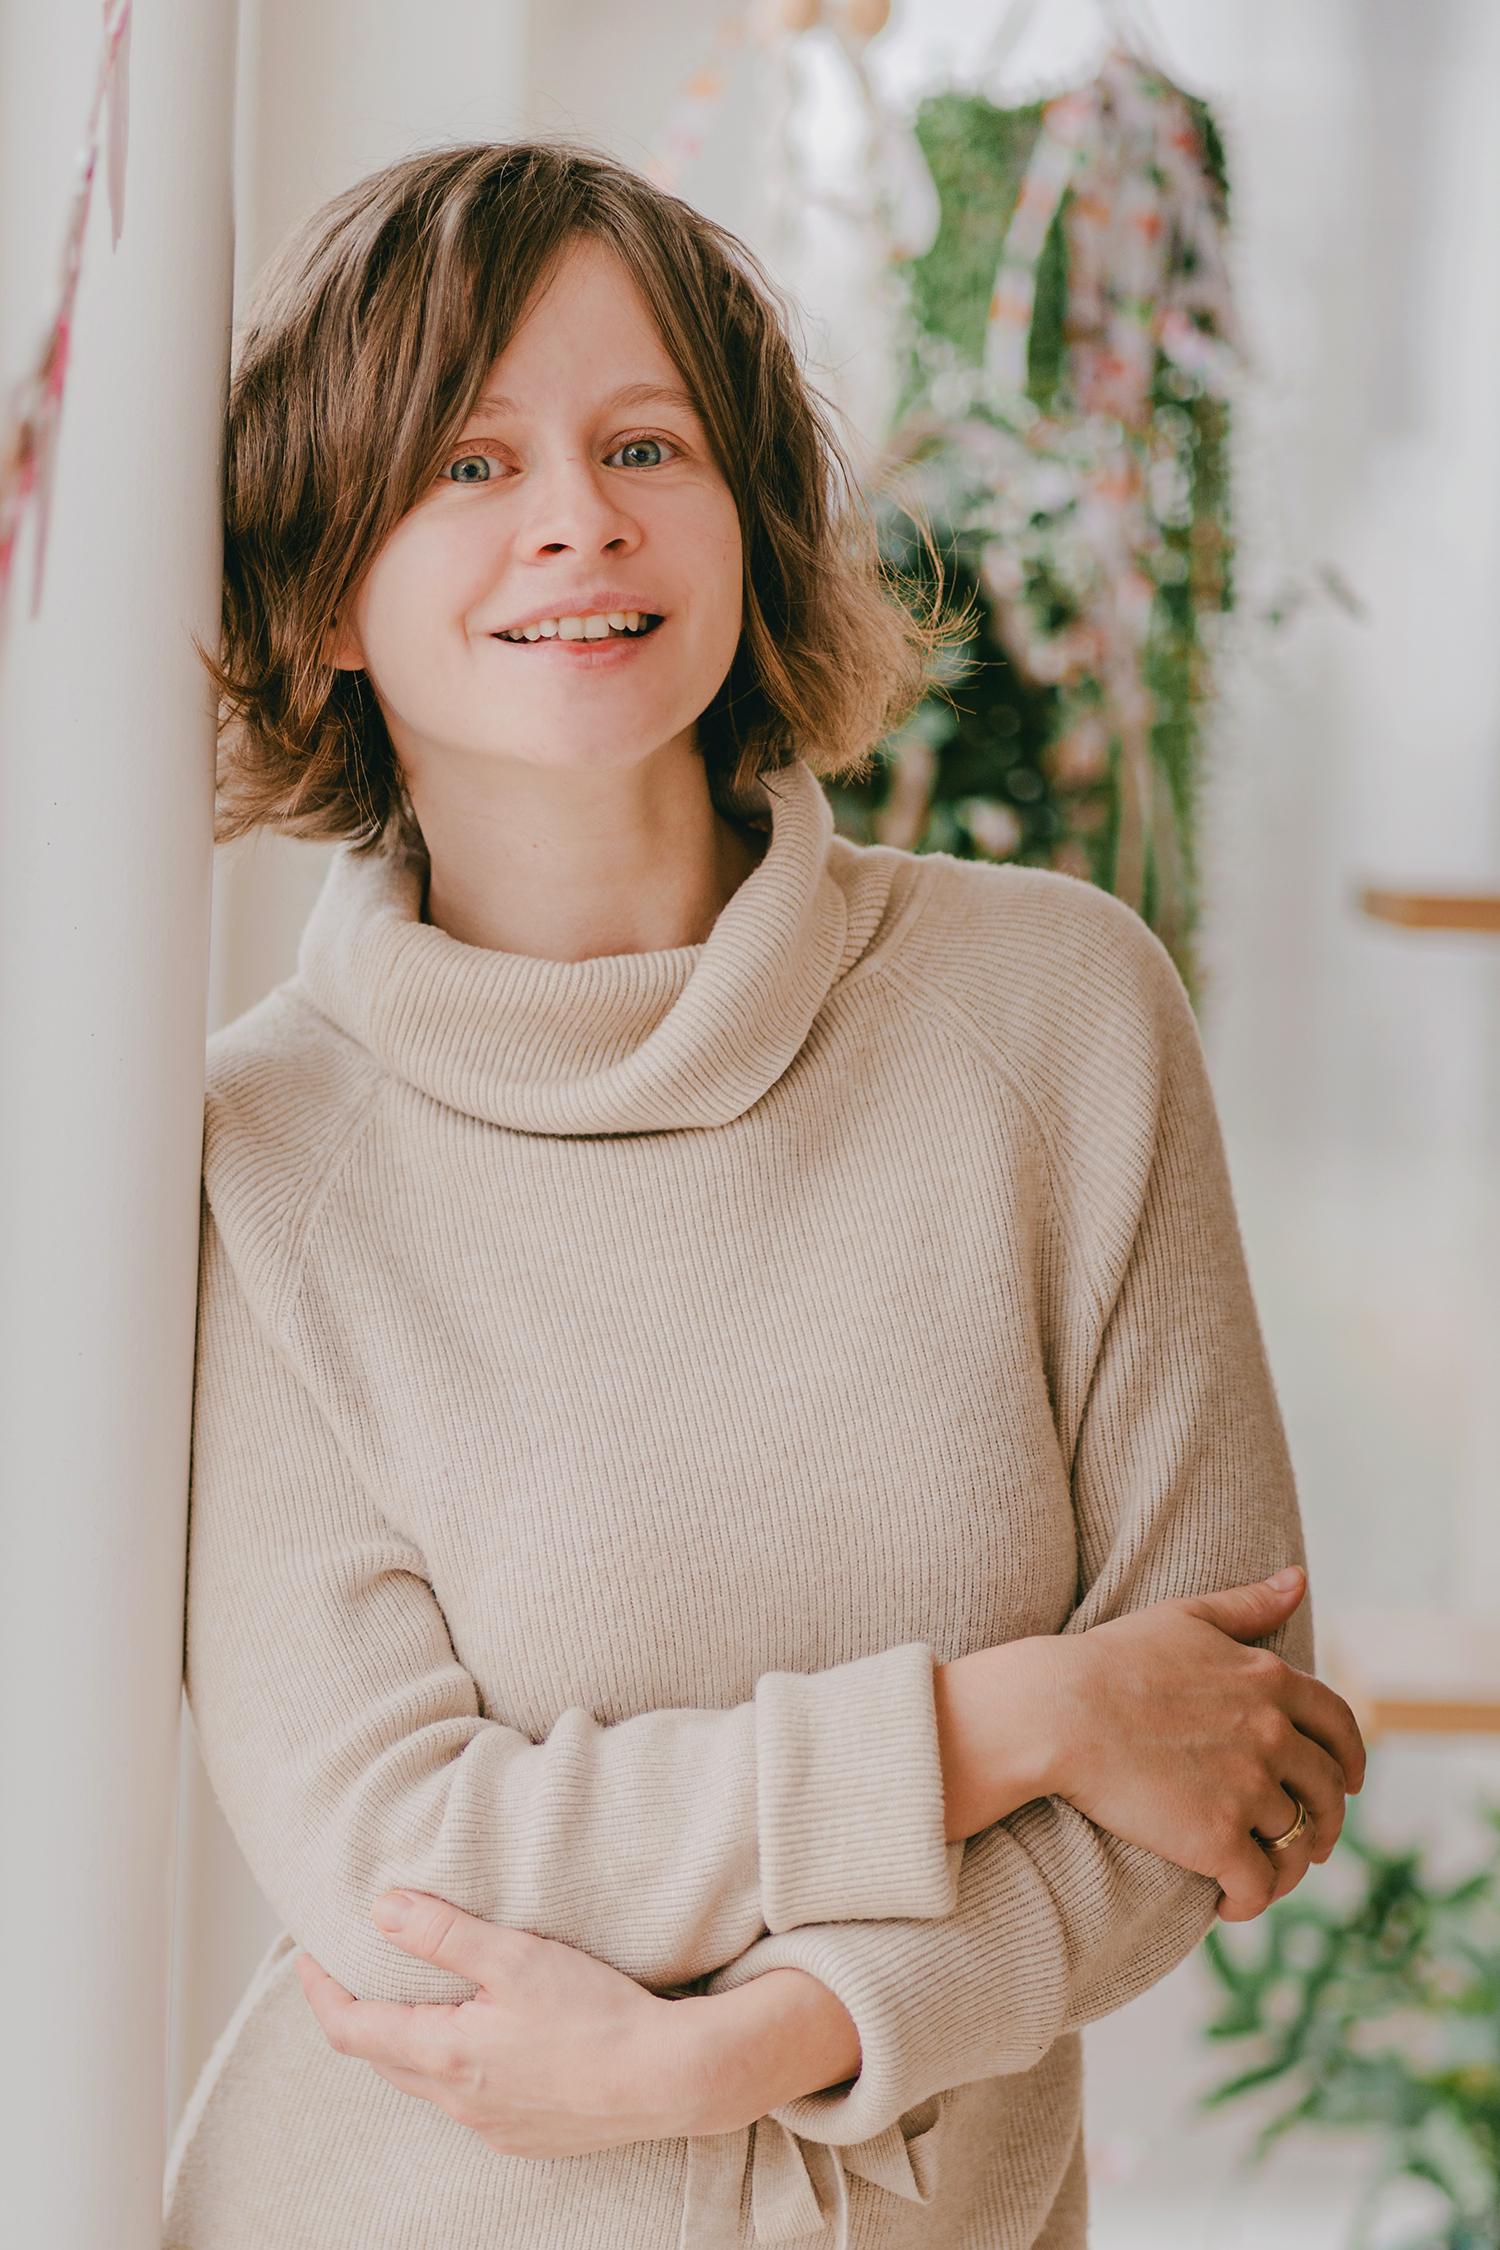 Fotograf Anna Eiswert